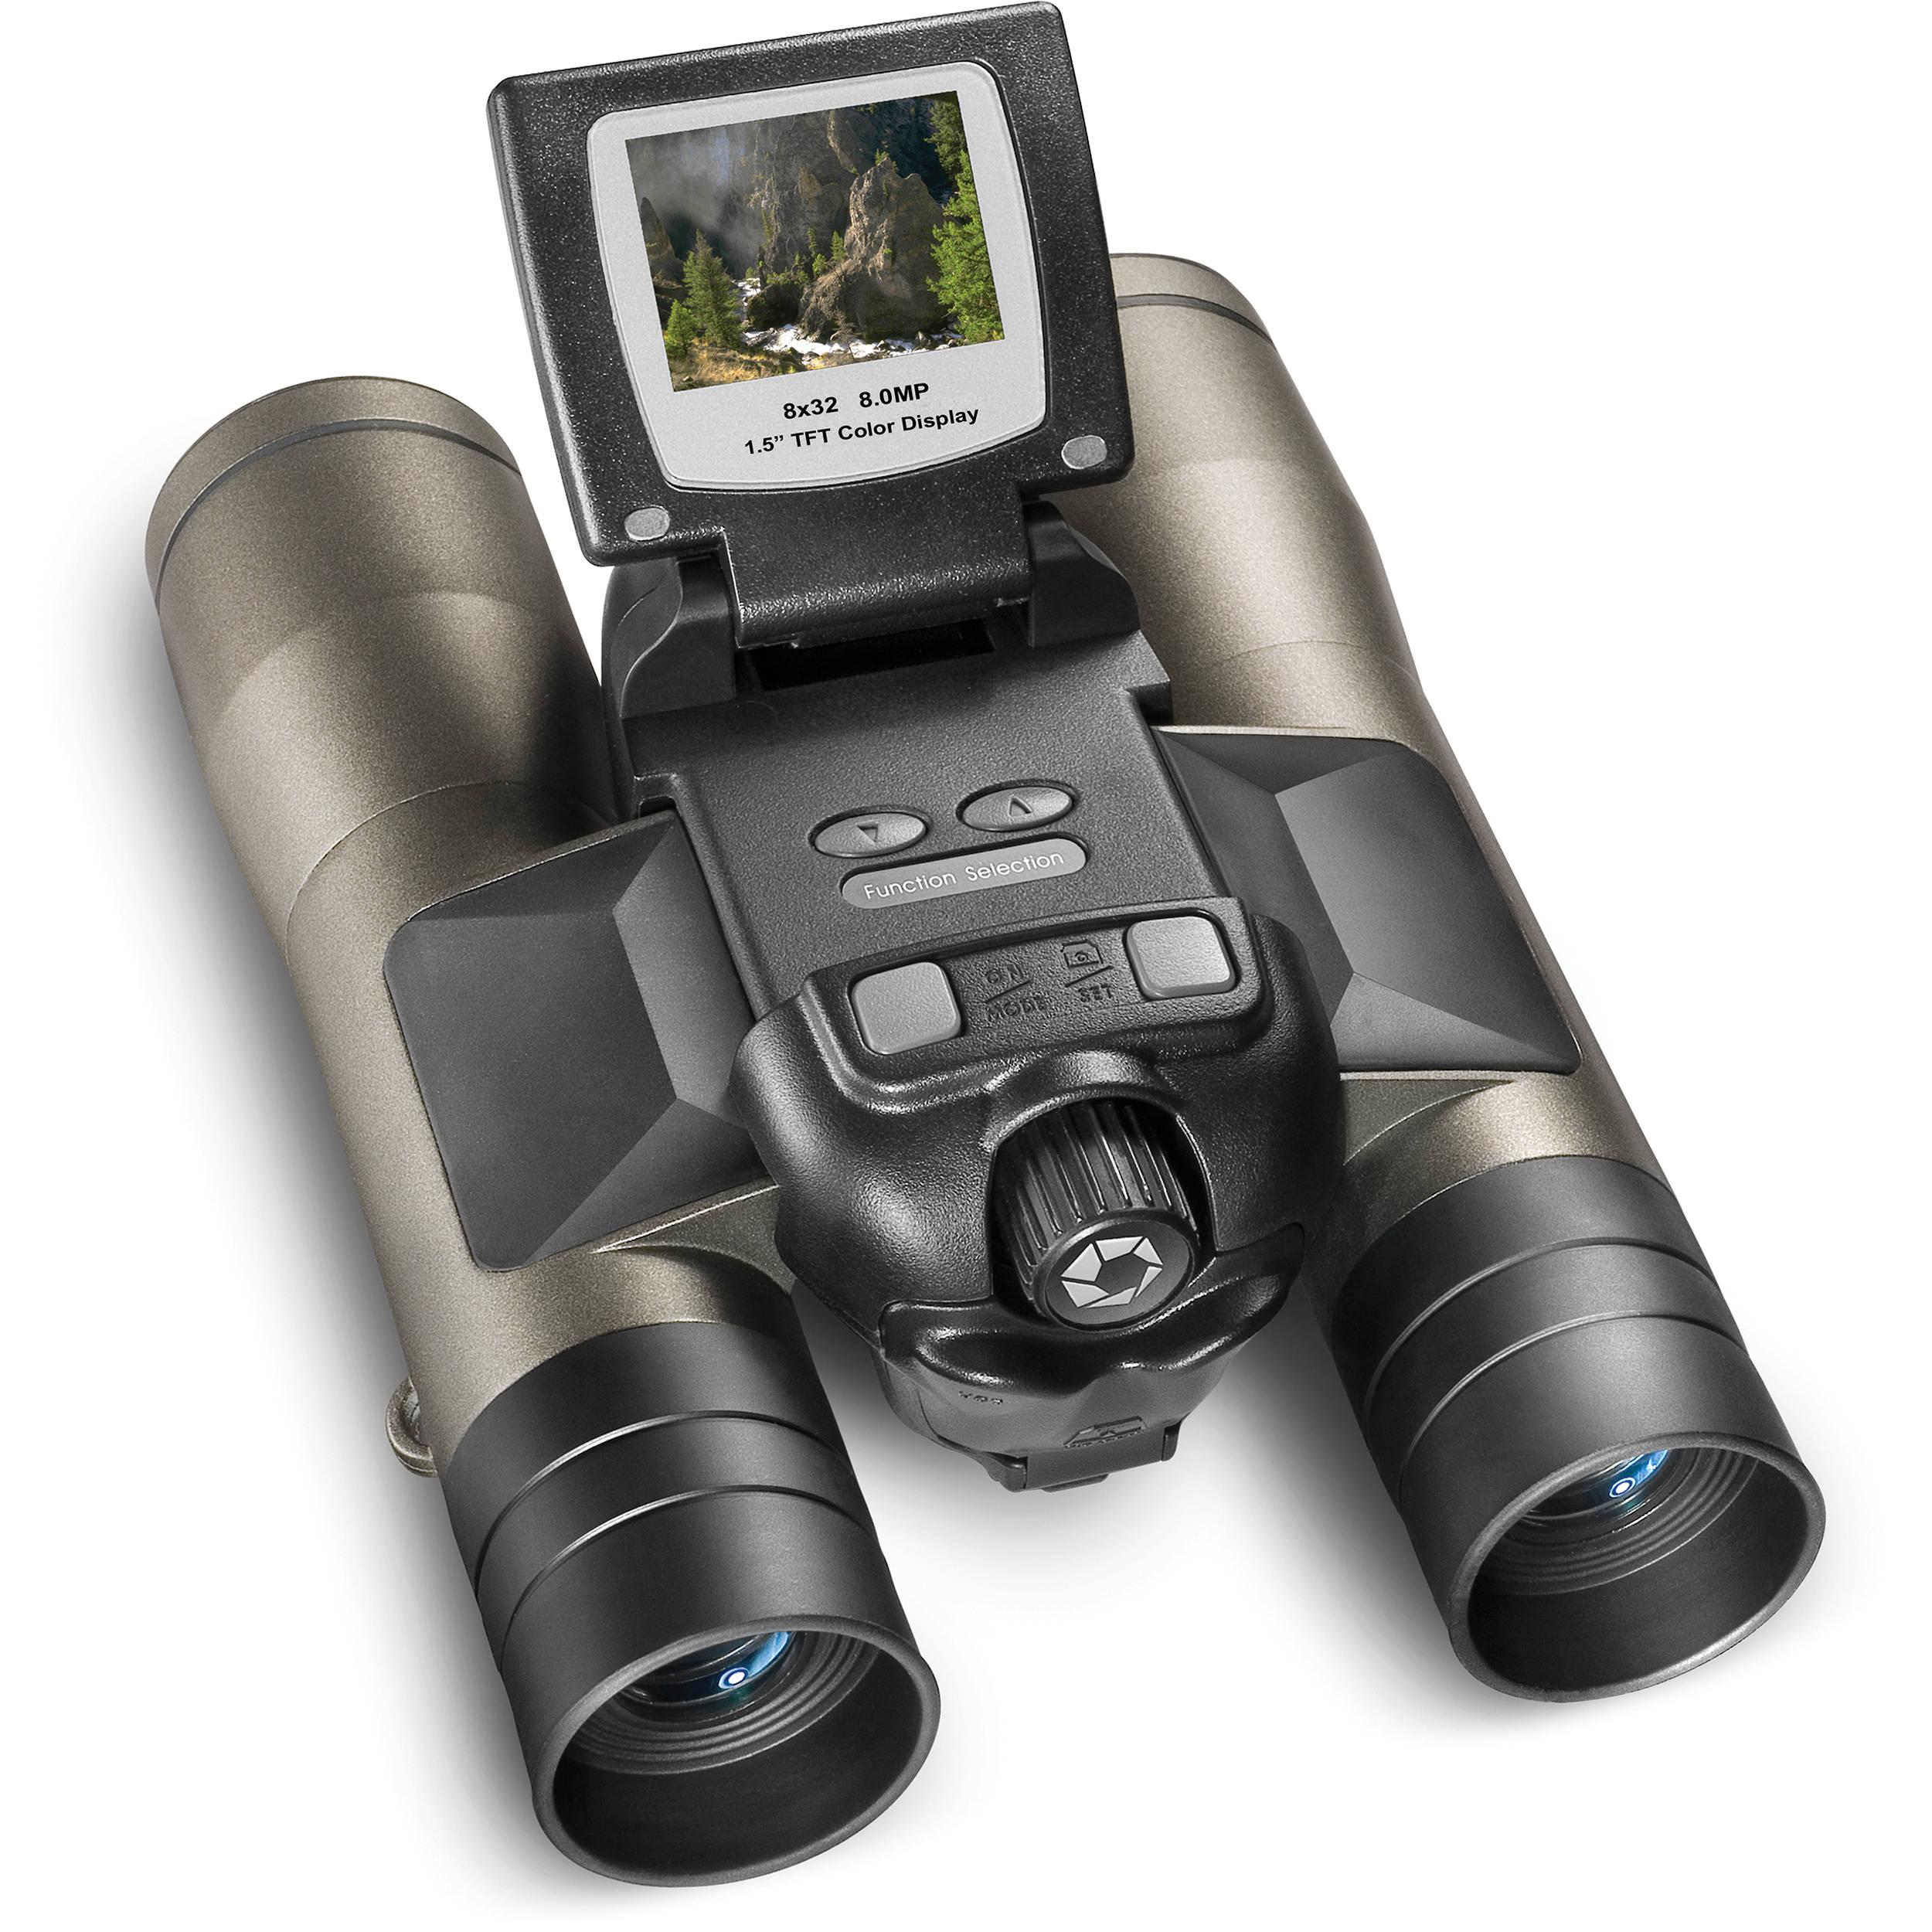 Kikare med inbyggd kamera har en häftig design